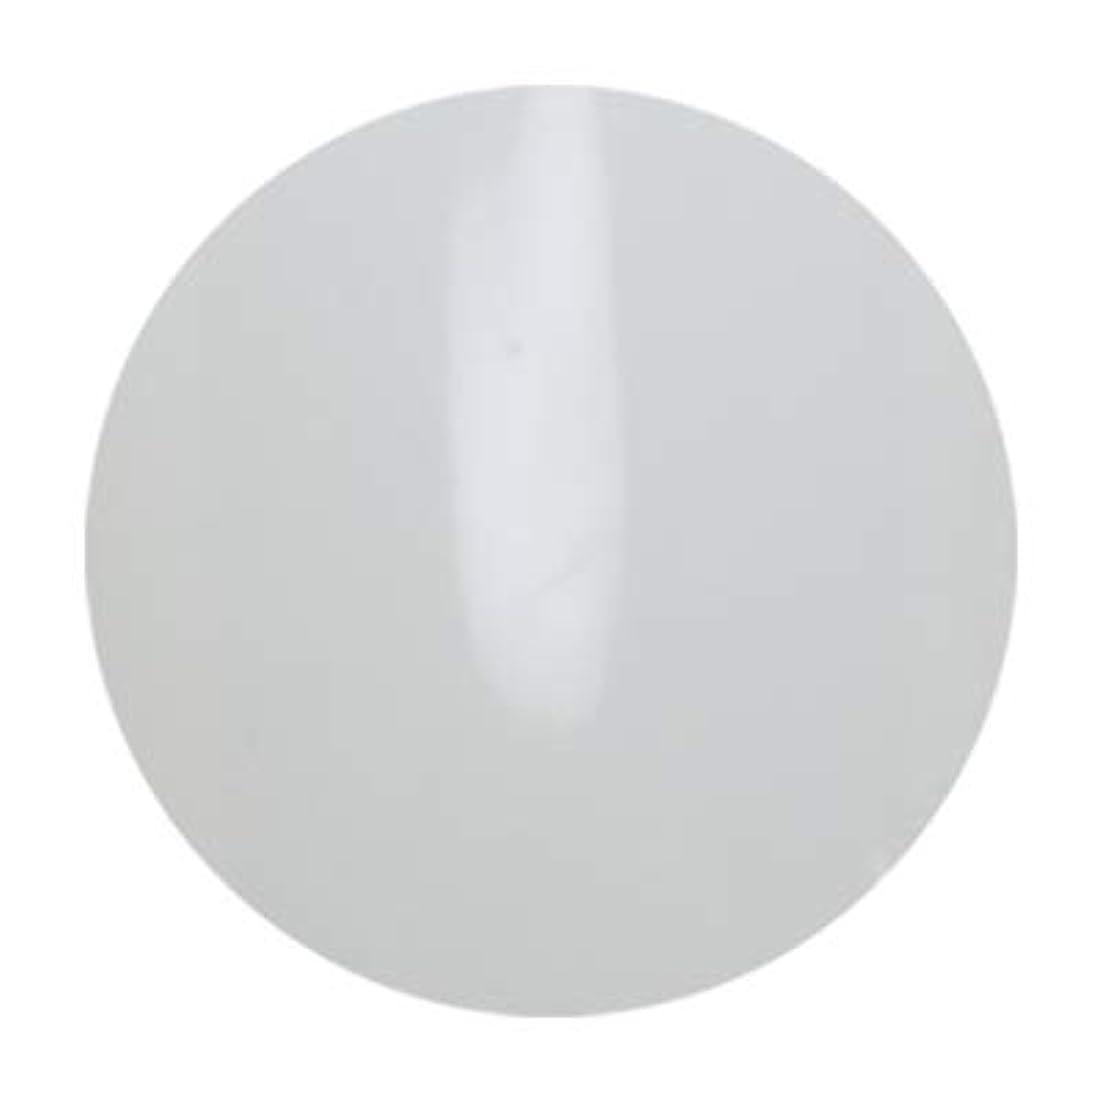 性能速報叫び声アンジェル ビルダーカラージェル ALB01 エベレスト 3g